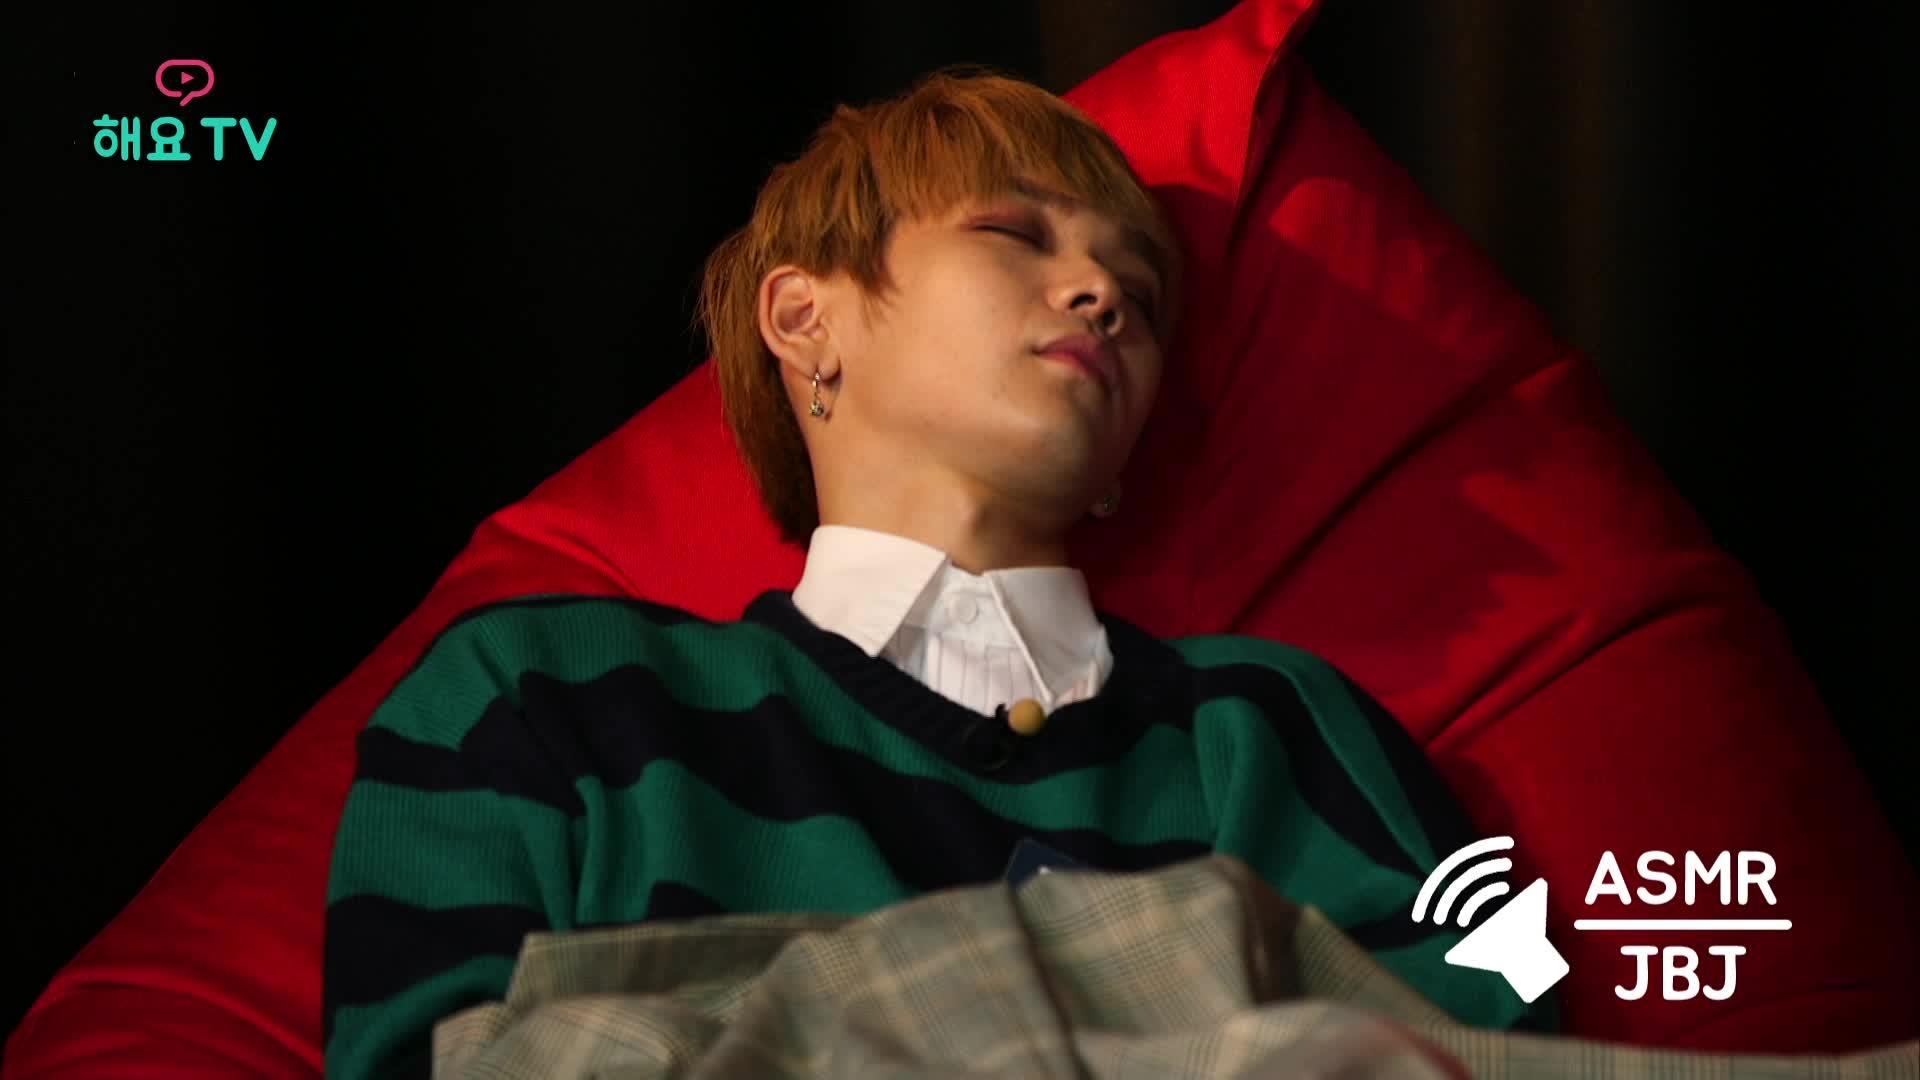 [JBJ] 웃음 참기 아니구요, 잠 자기 미션이었는데...@해요TV JBJ의 사생활 2회